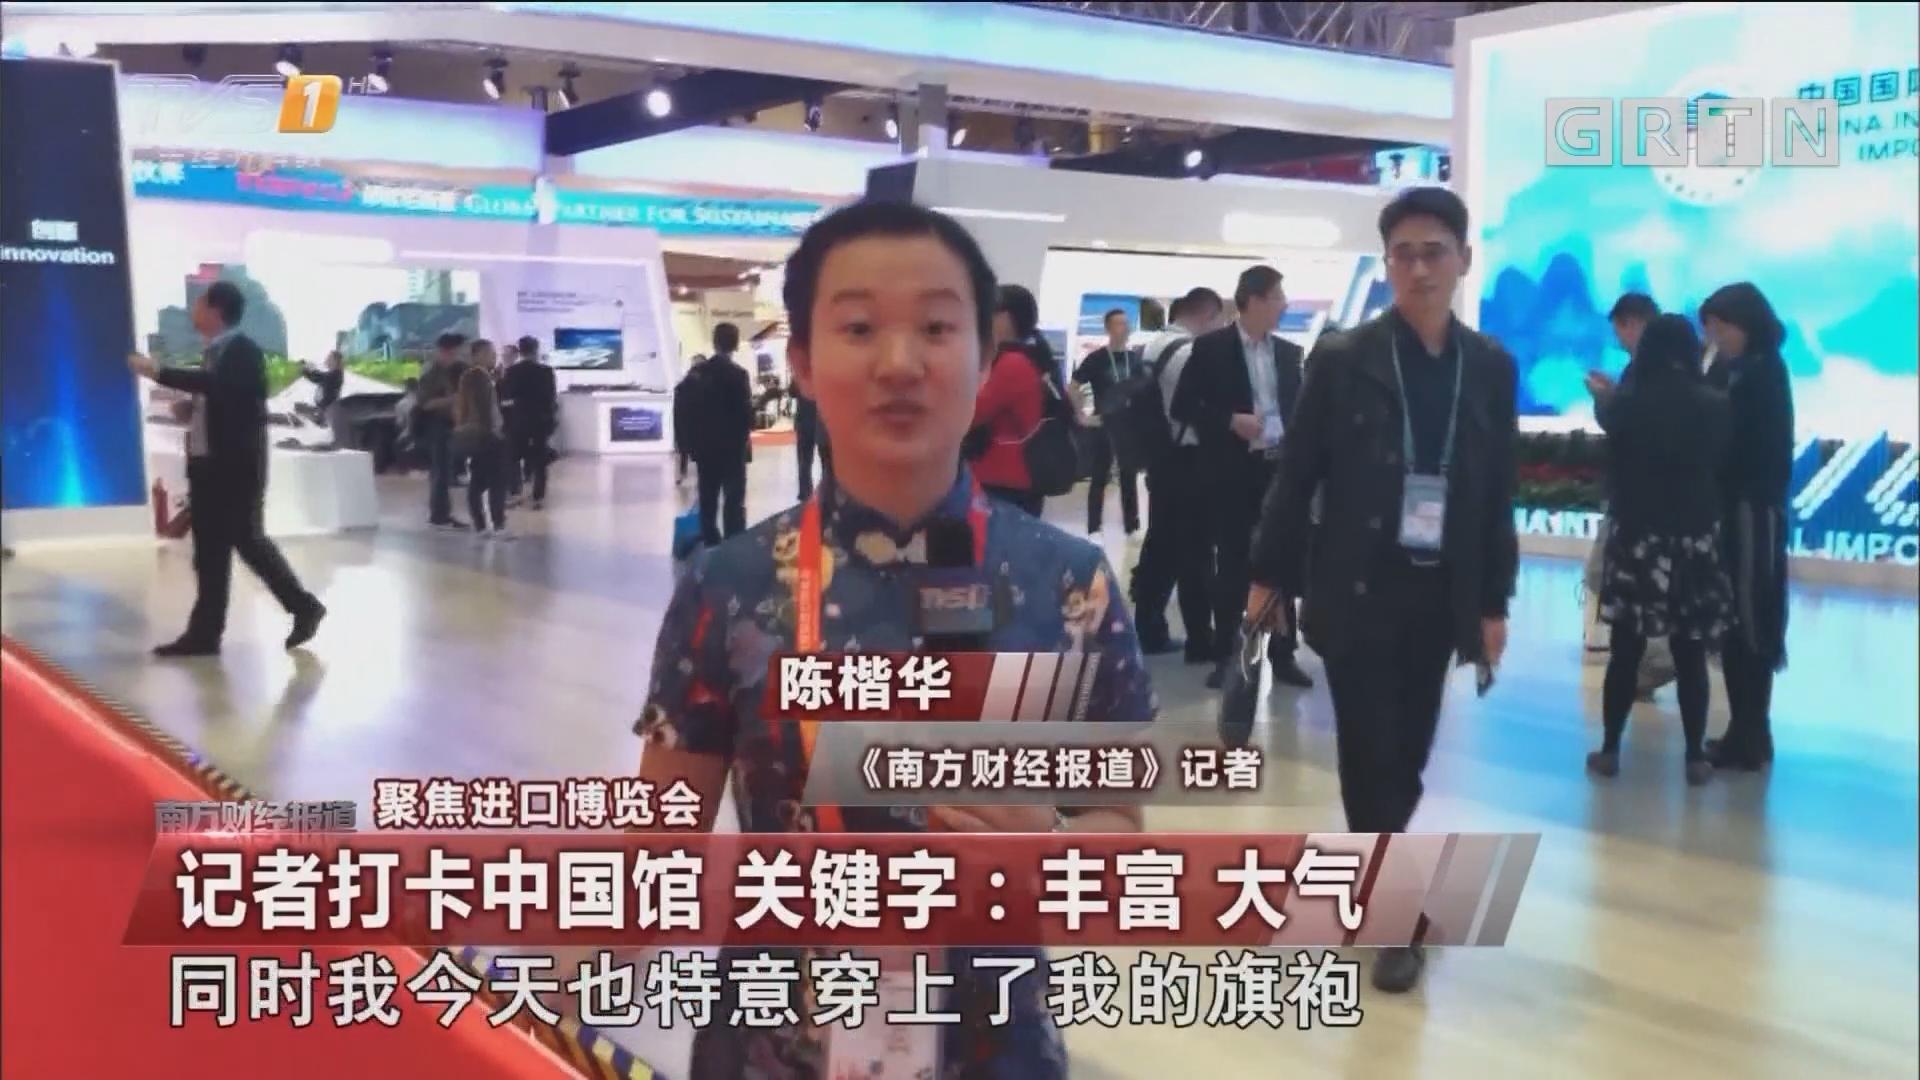 聚焦进口博览会:记者打卡中国馆 关键字:丰富 大气